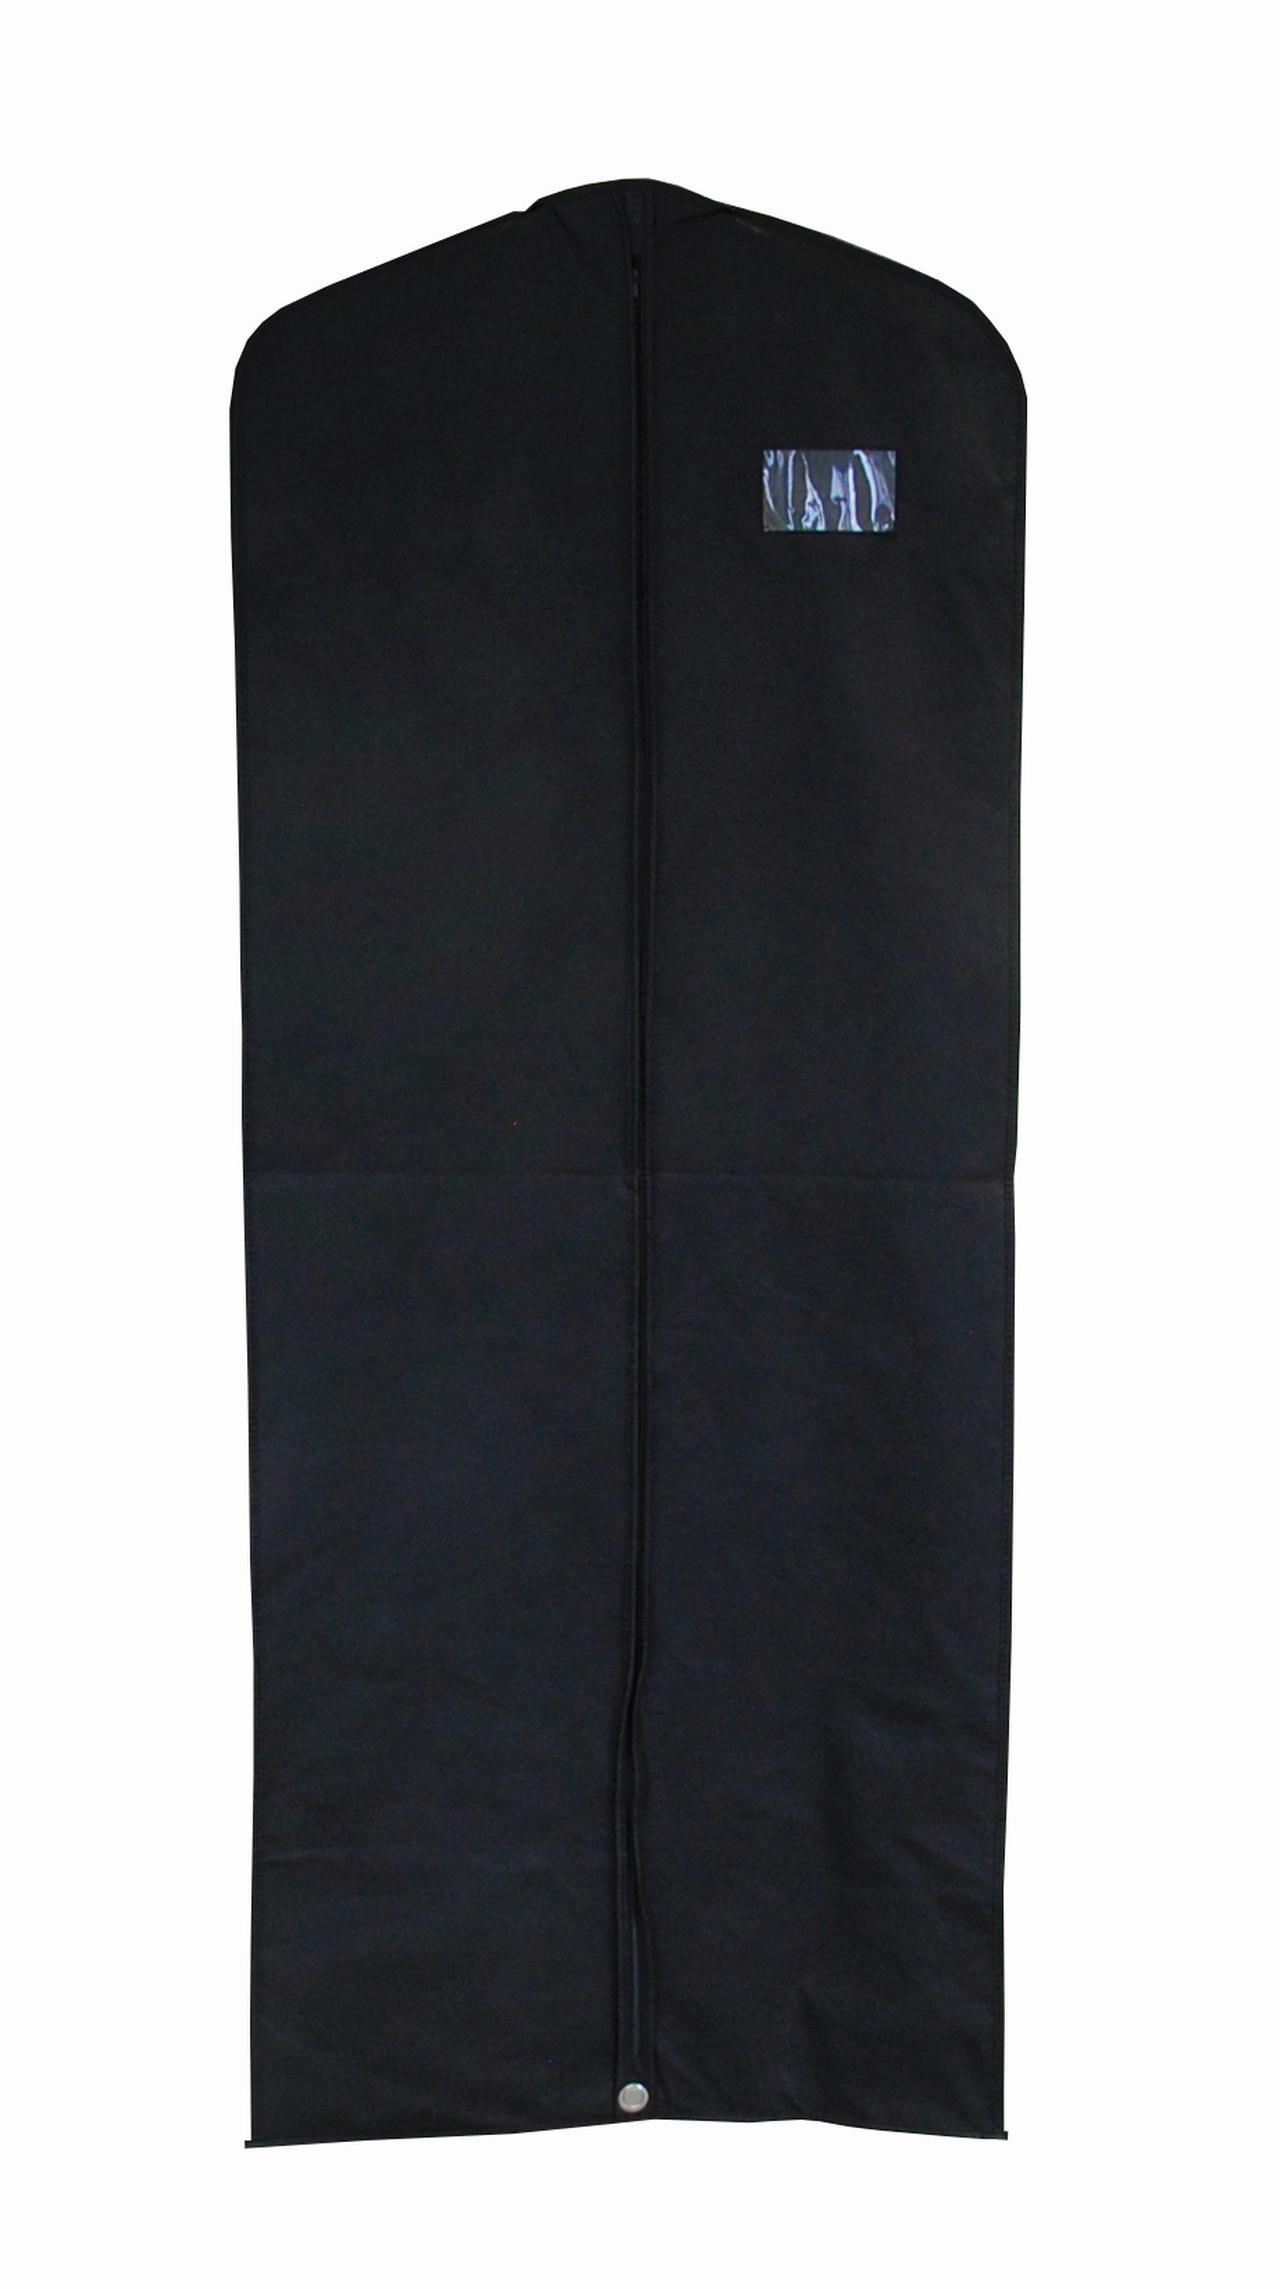 Schutzhülle für Kleideraufbewahrung